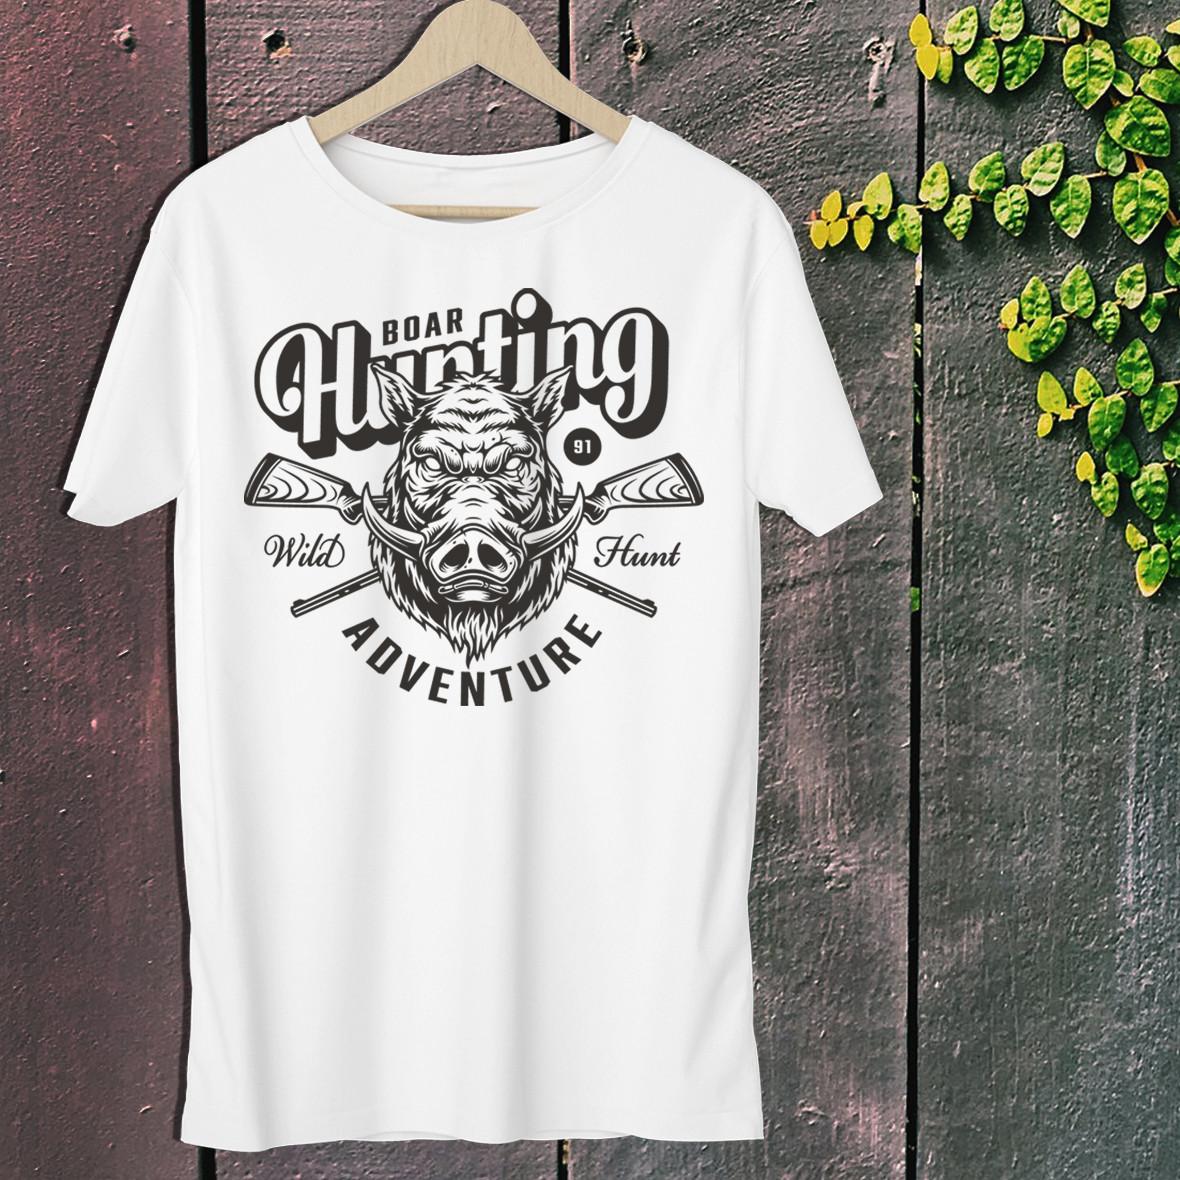 """Мужская футболка для охотника с принтом Голова Кабана """"Boar Hunting Adventure"""" Push IT S, Белый"""